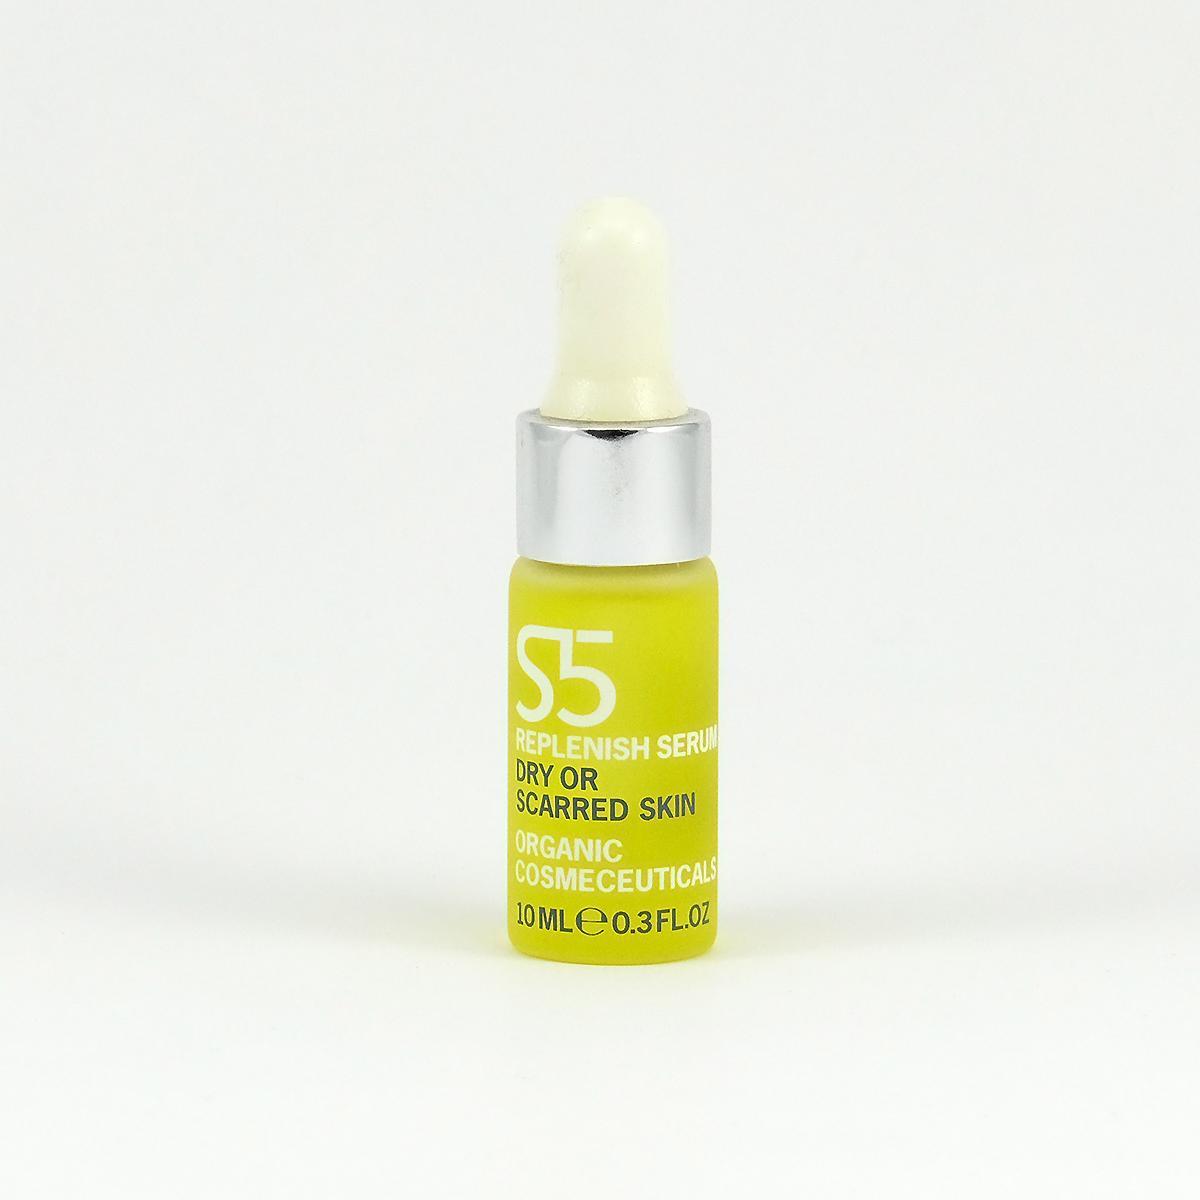 S5 Hydratující sérum 10 ml